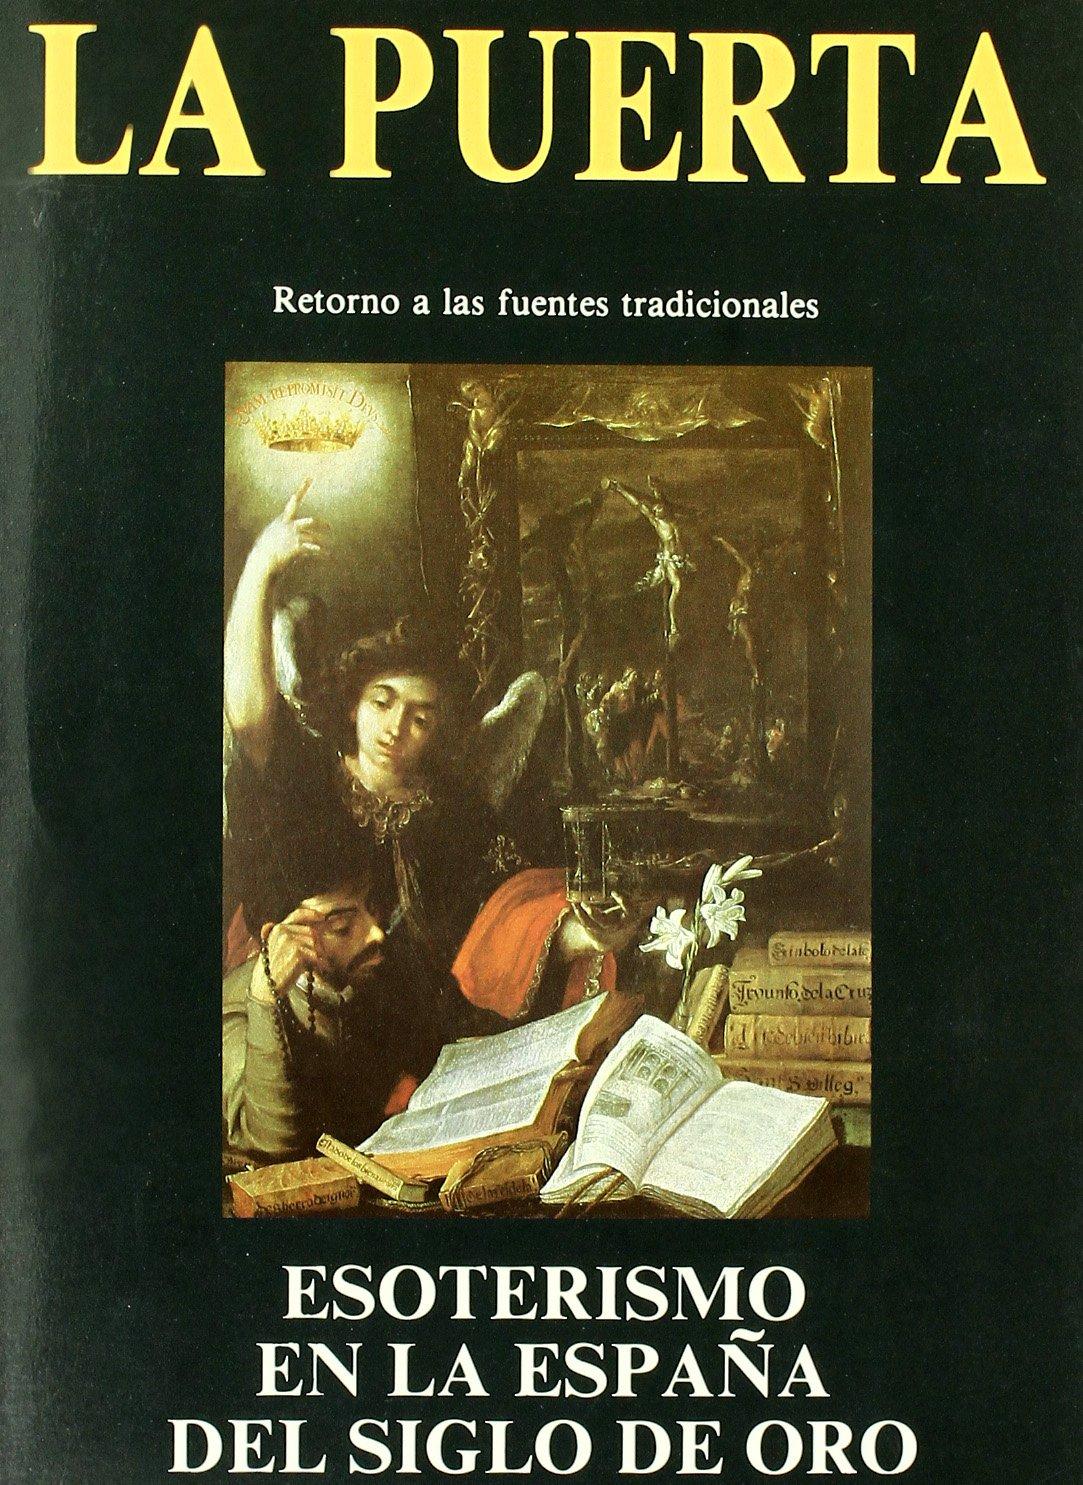 Esoterismo en la España del siglo de oro: Amazon.es: Varios: Libros